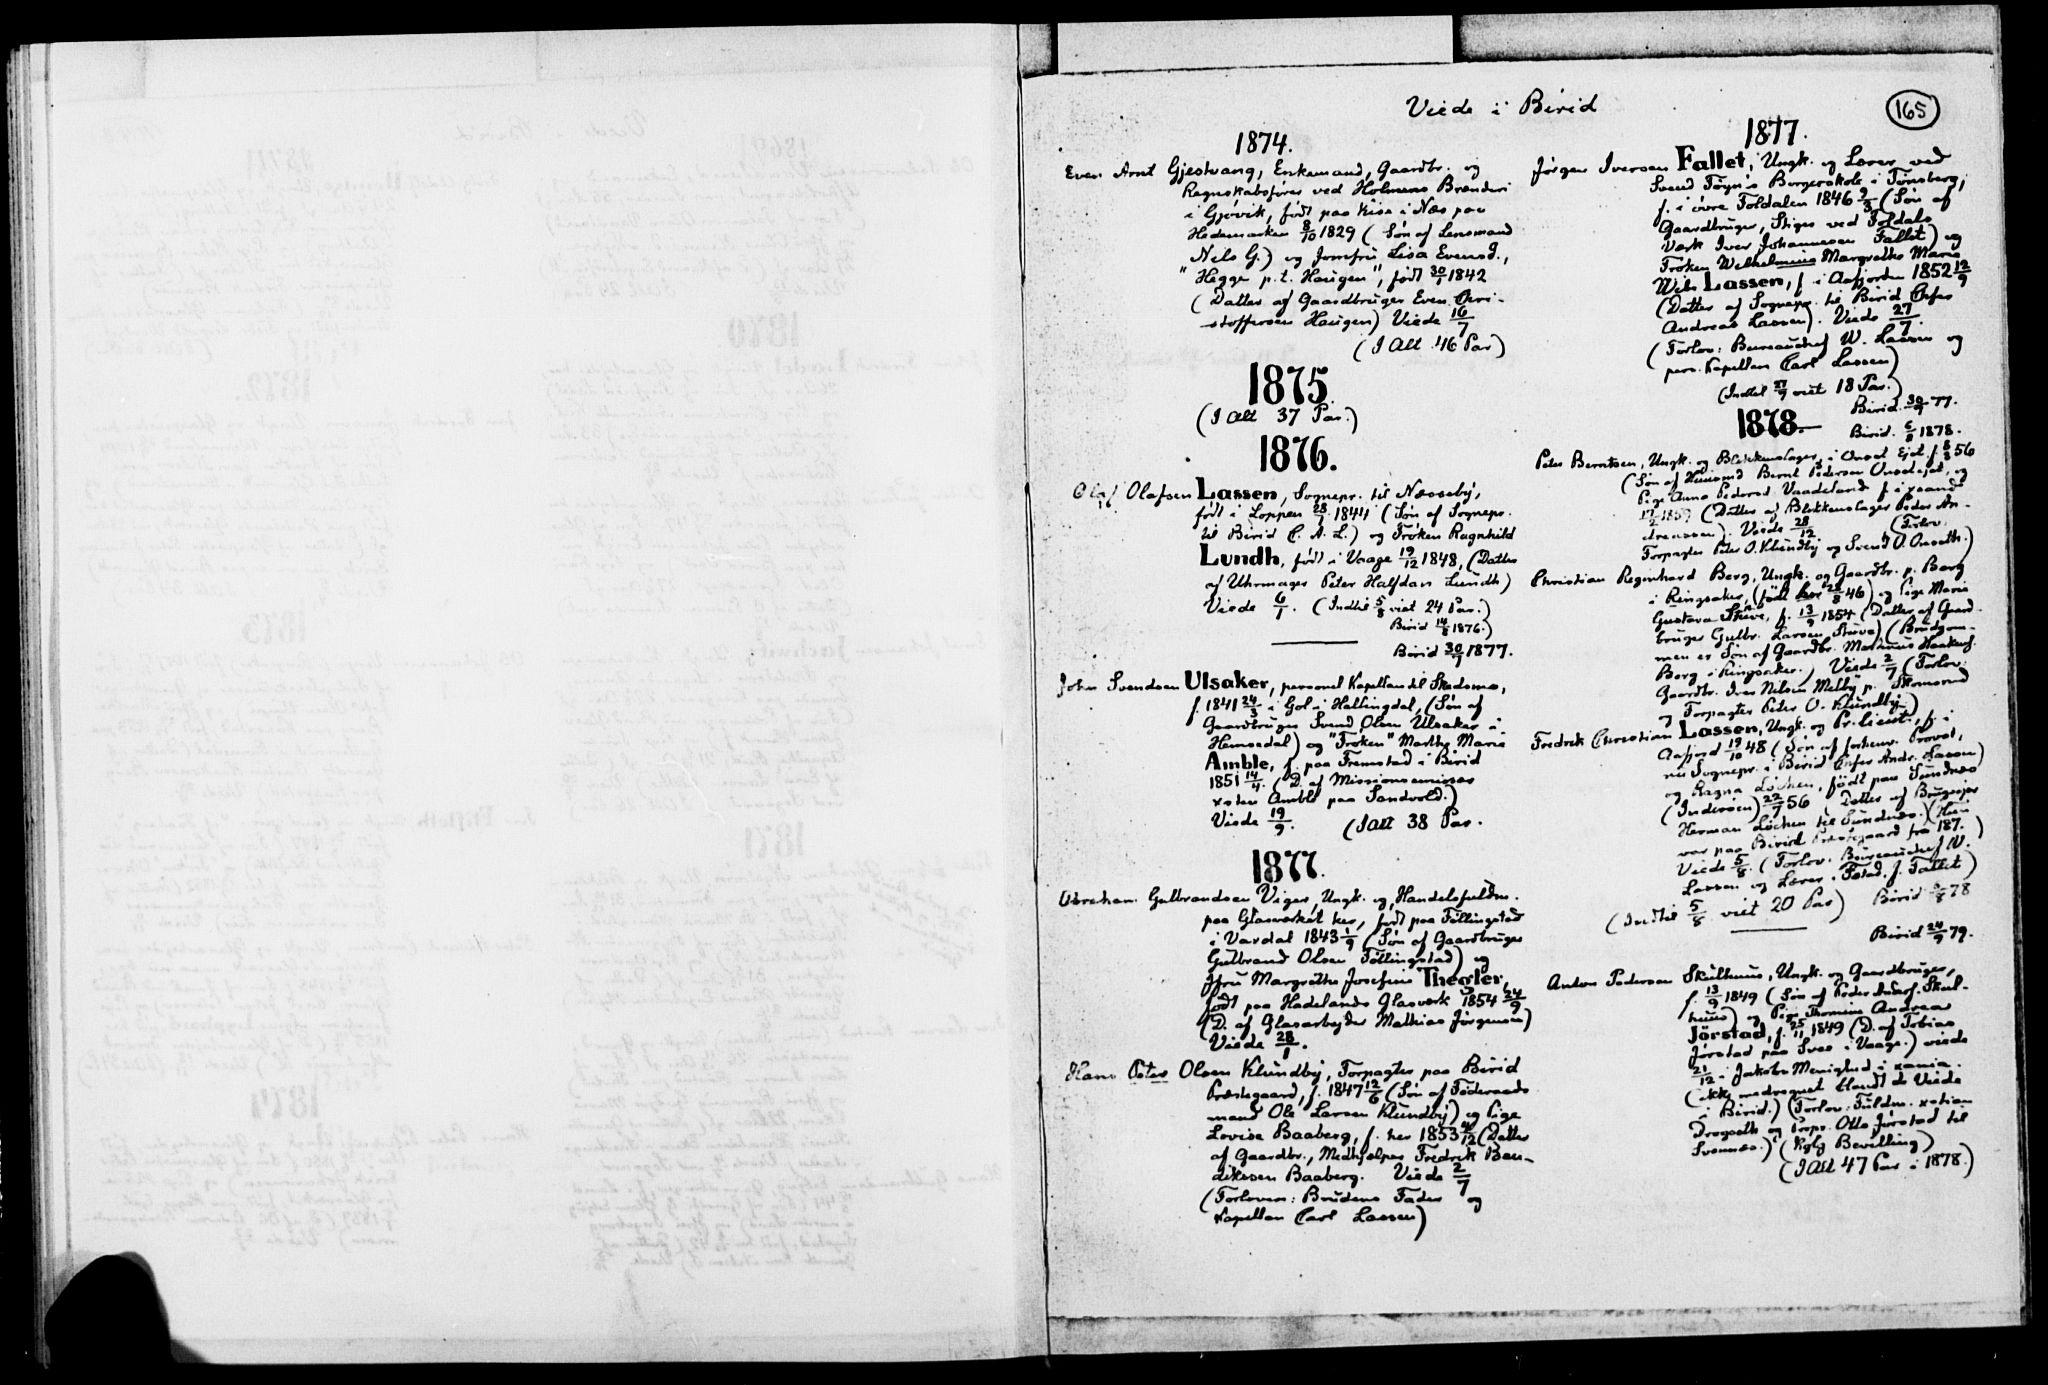 SAH, Biri prestekontor, Ministerialbok, 1730-1879, s. 165